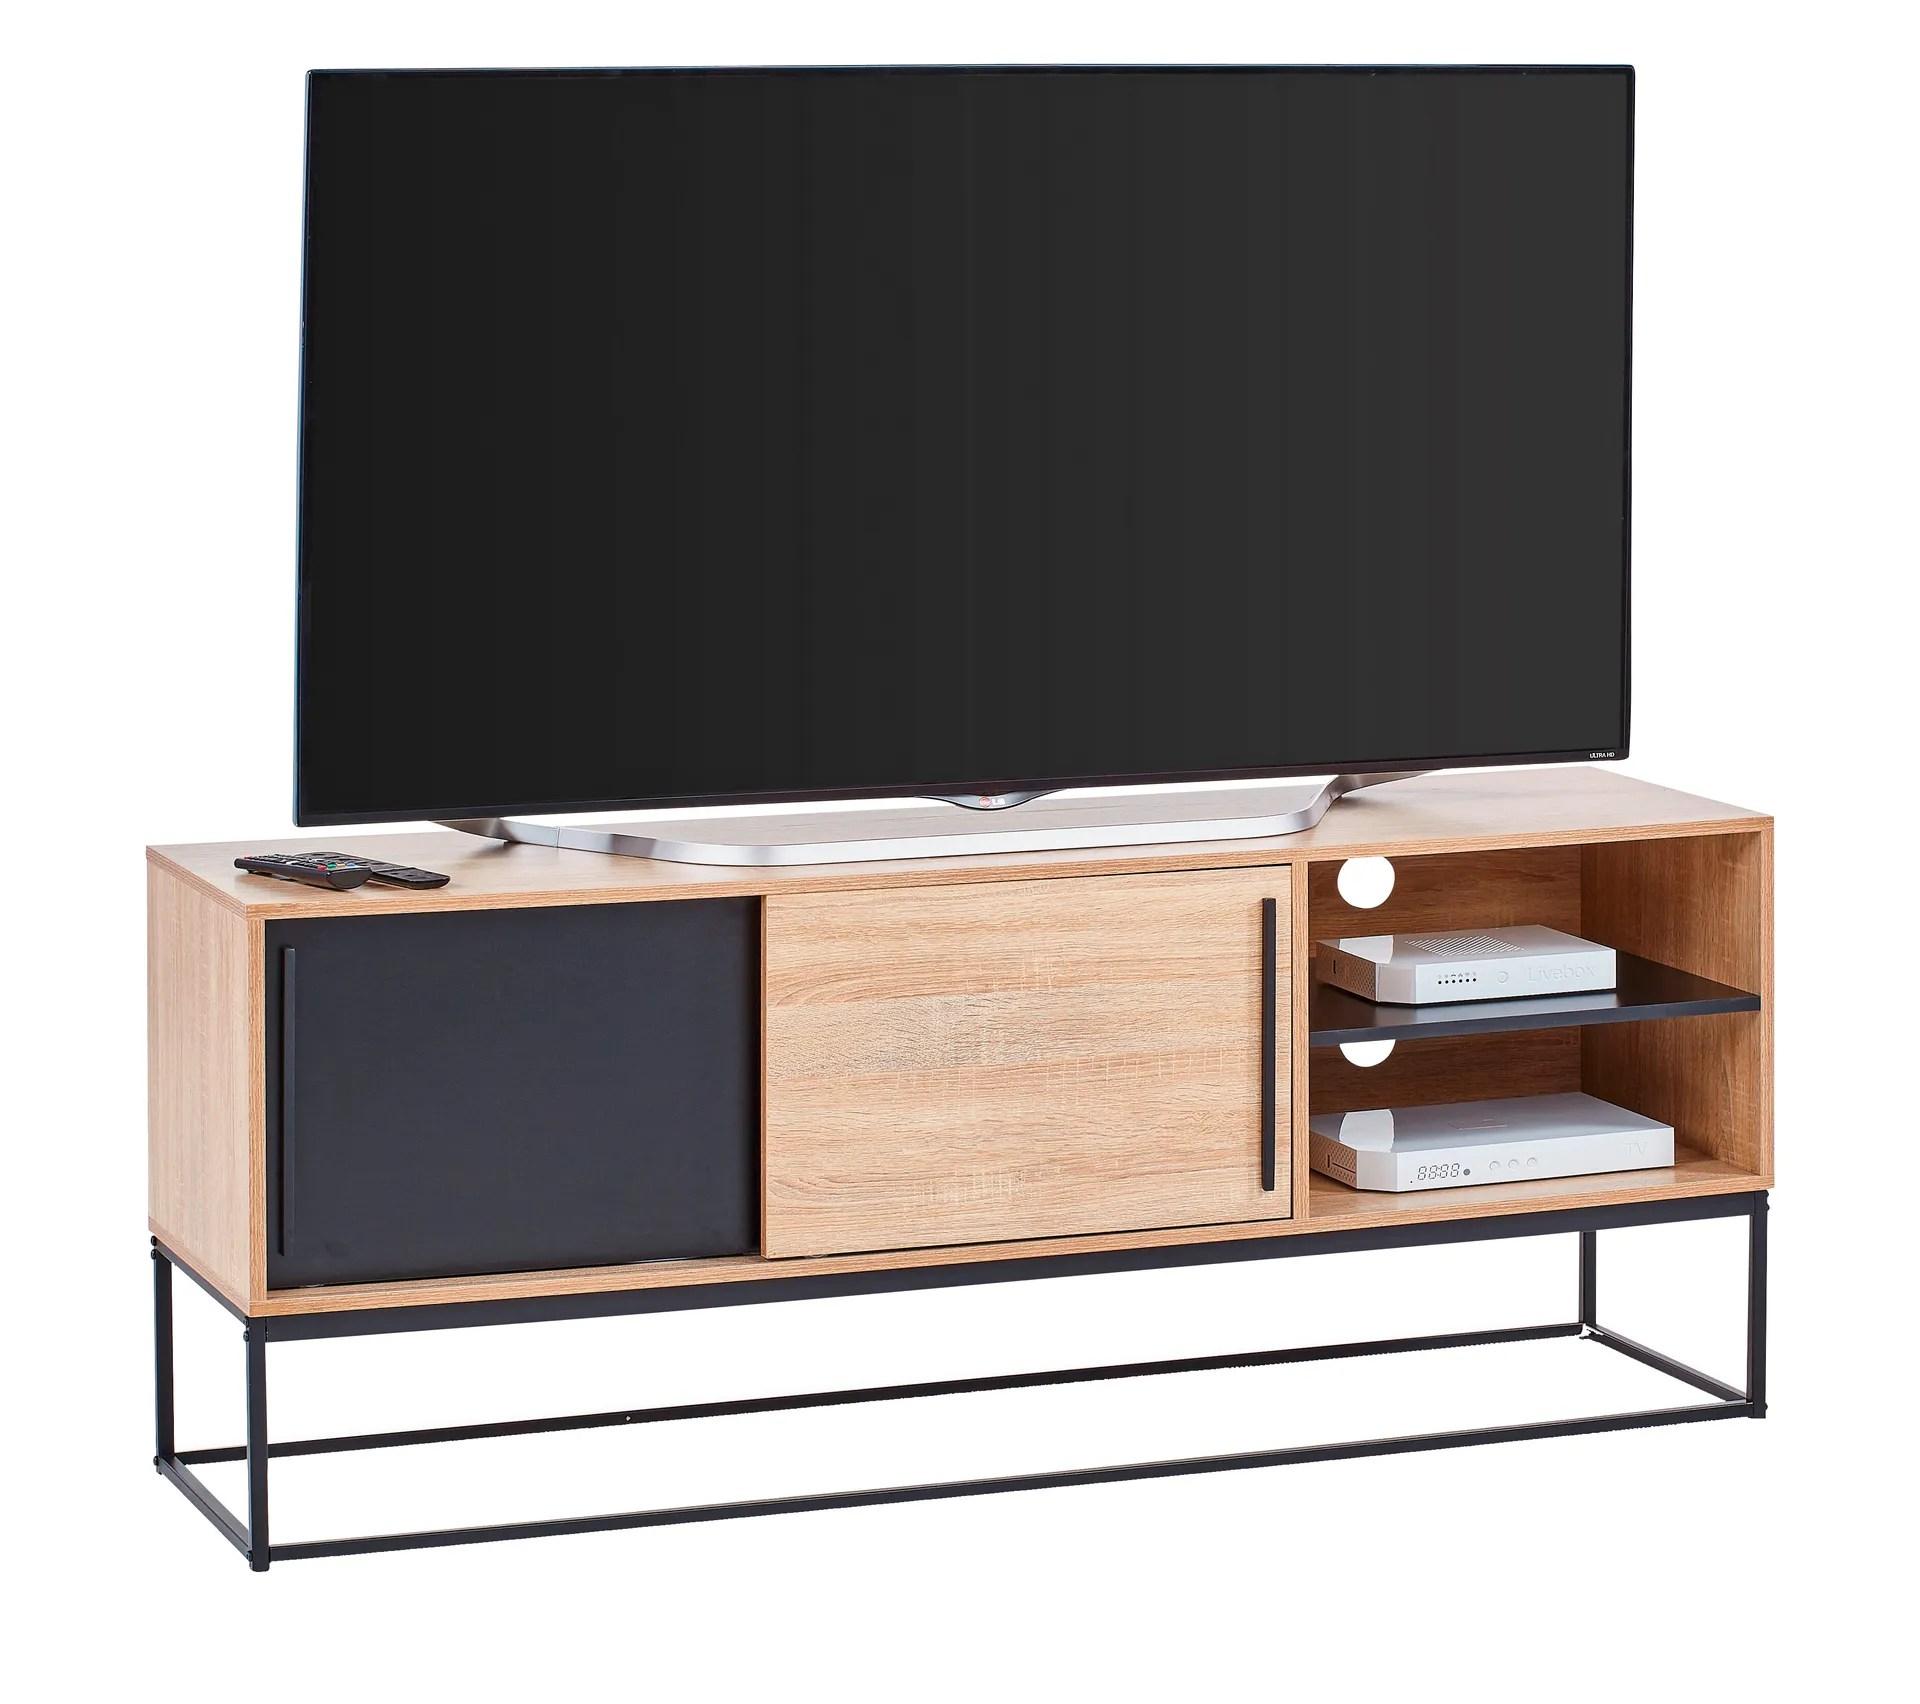 meuble tv industriel vincente noir chene